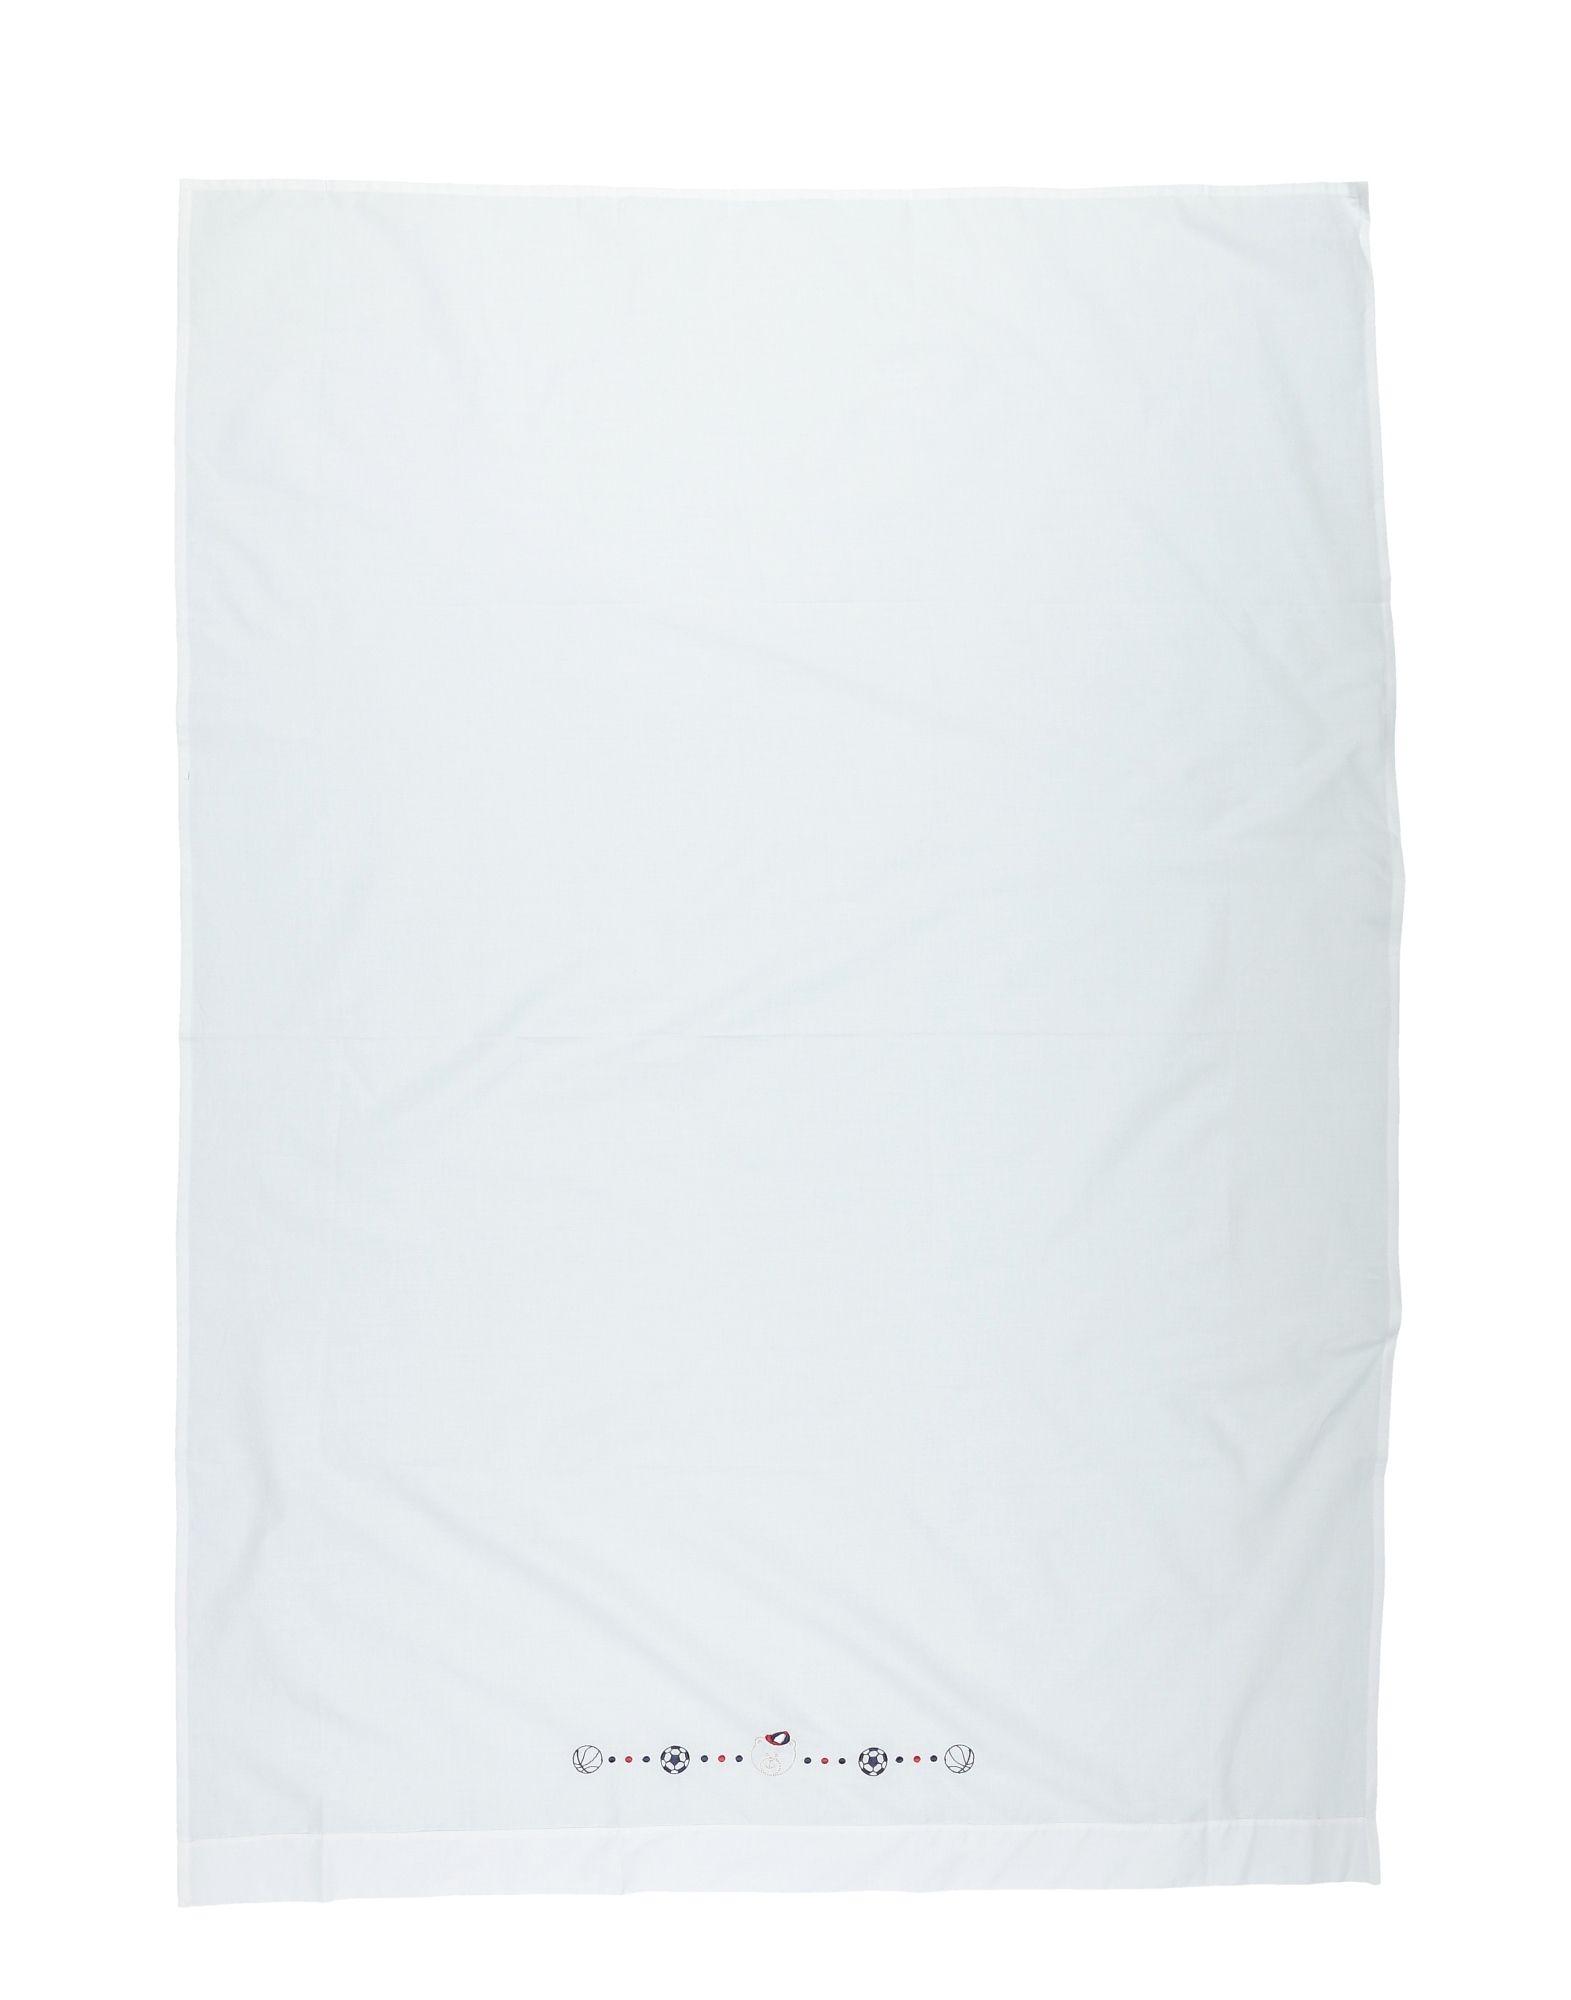 ALETTA Детское постельное белье постельное белье примавера постельное белье людовик 2 спал